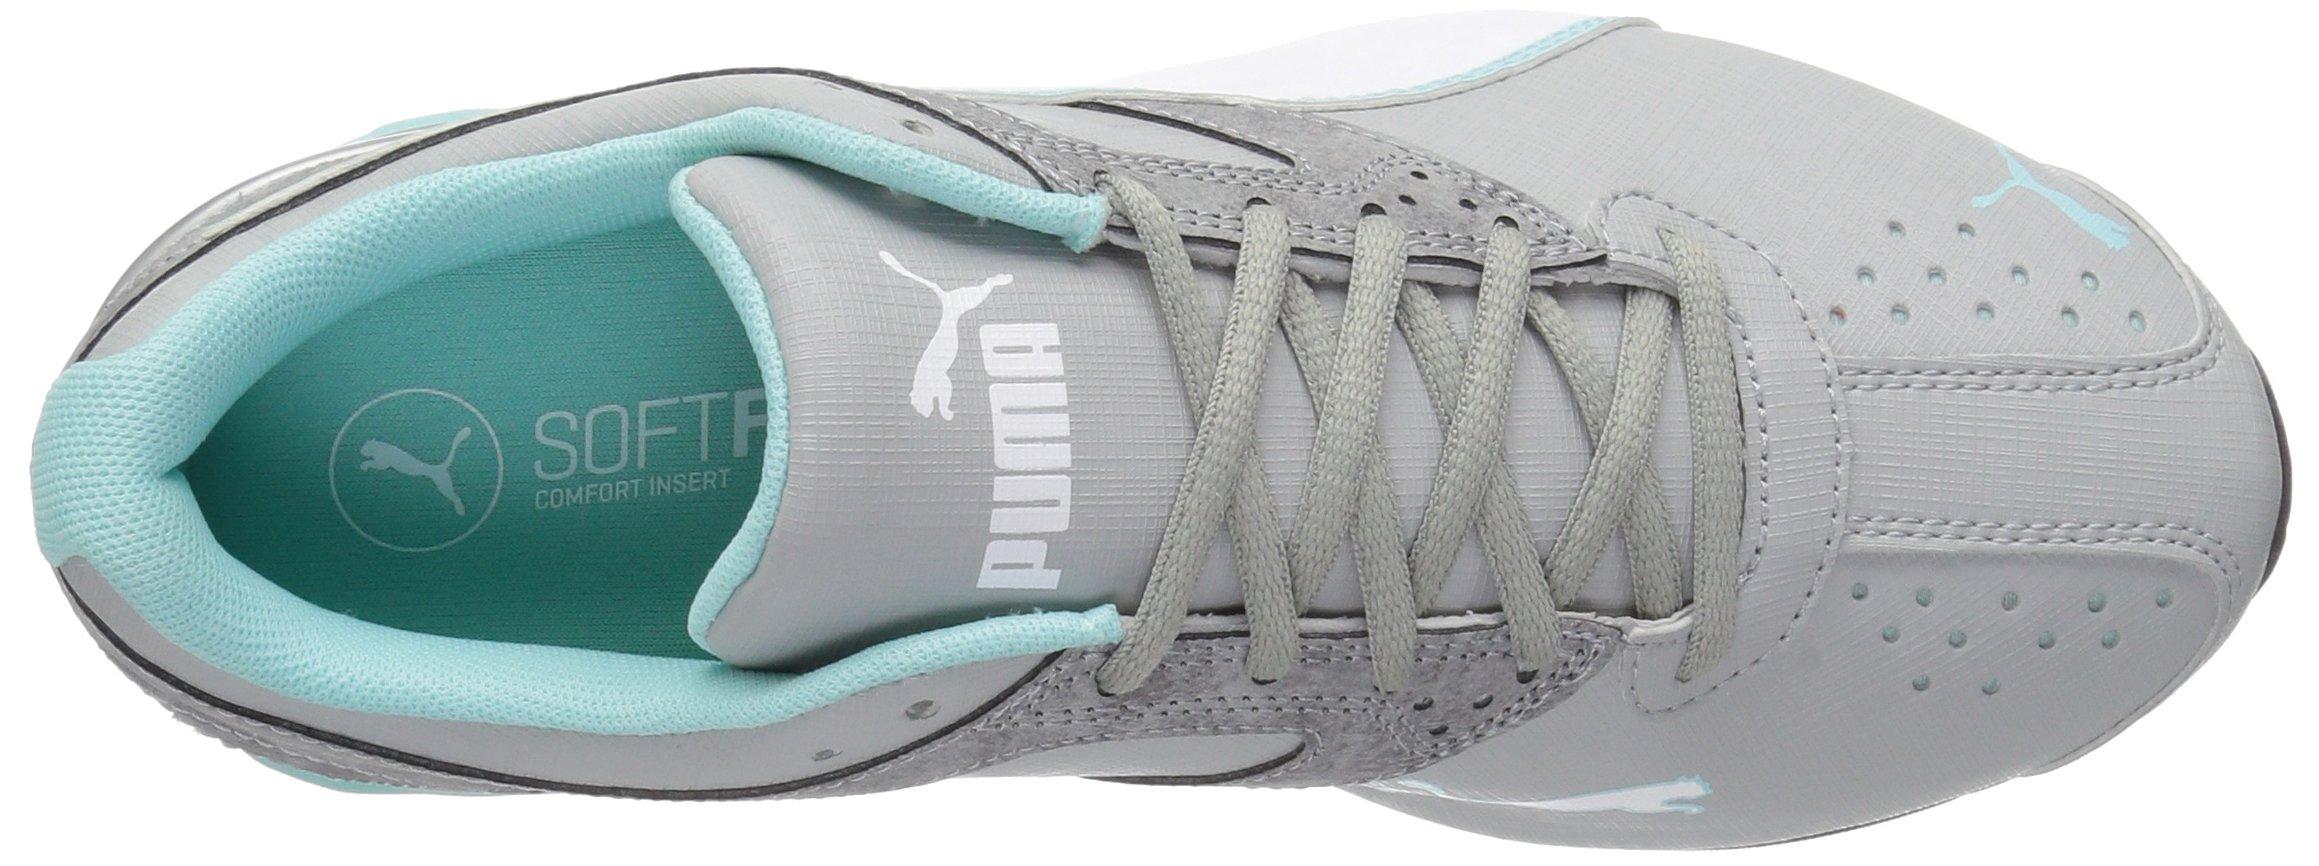 PUMA Accent Mujer Tazon 6 Accent PUMA WN's Cross Trainer zapato Quarry Blanco b7c9e4